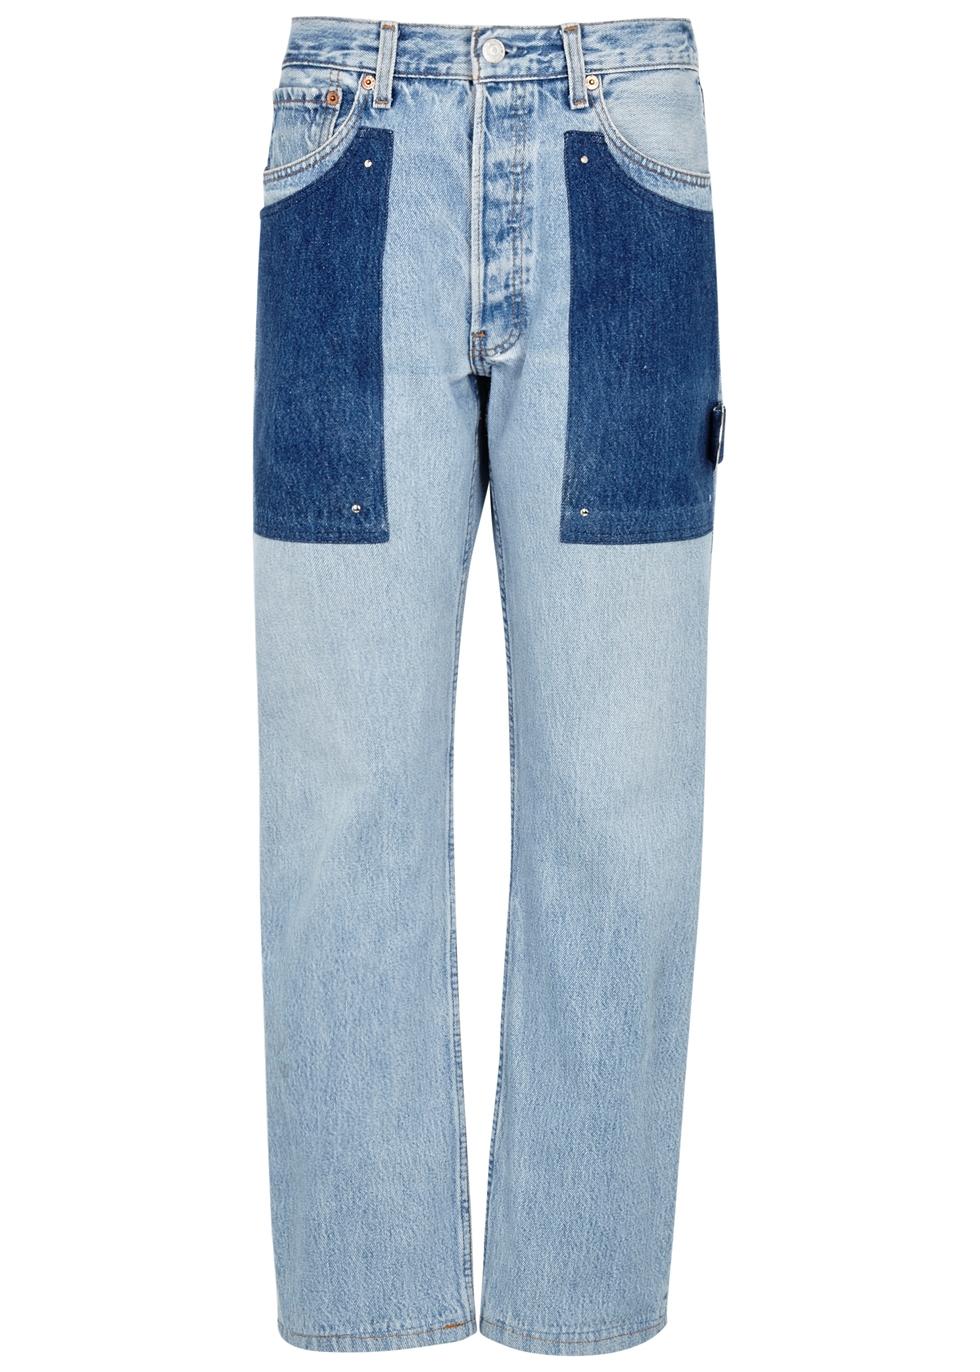 BEAU SOUCI MALIBU BLUE STRAIGHT-LEG JEANS